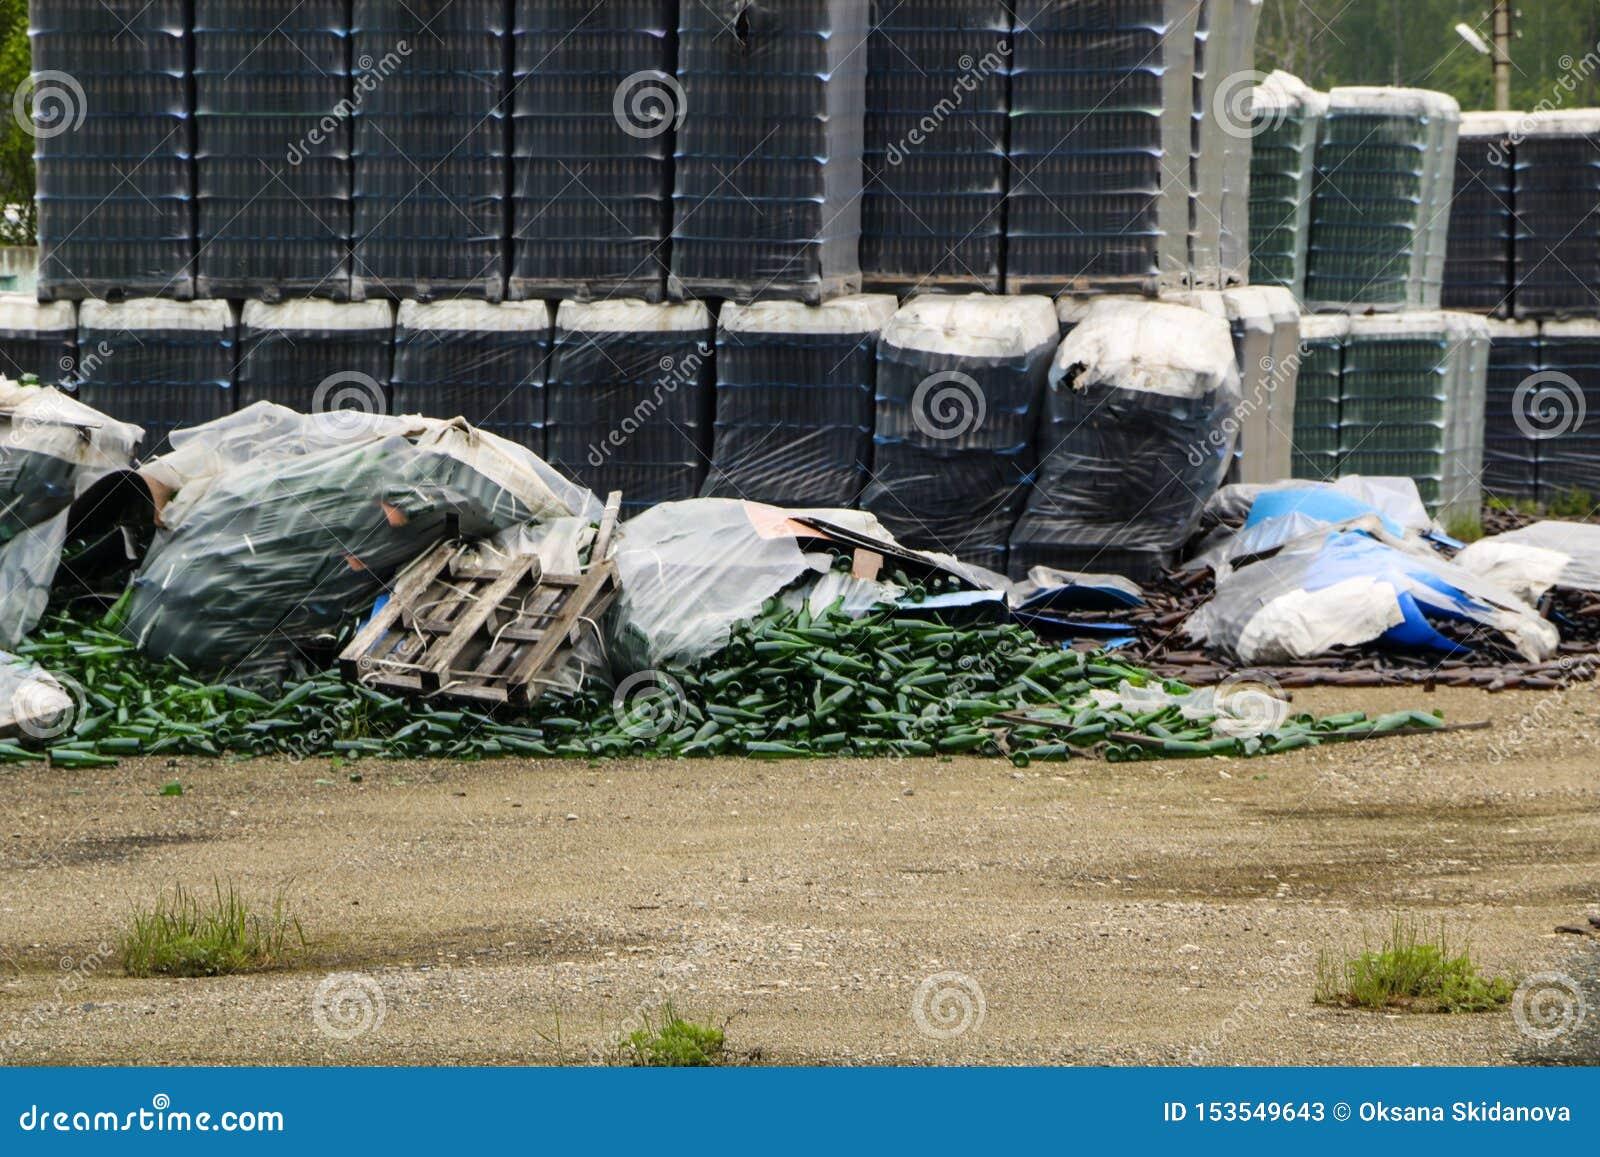 Verlaten glasfabriek ingepakte flessen in pallets, gebroken flessen op asfalt, veel losse flessen en huisvuil van productie